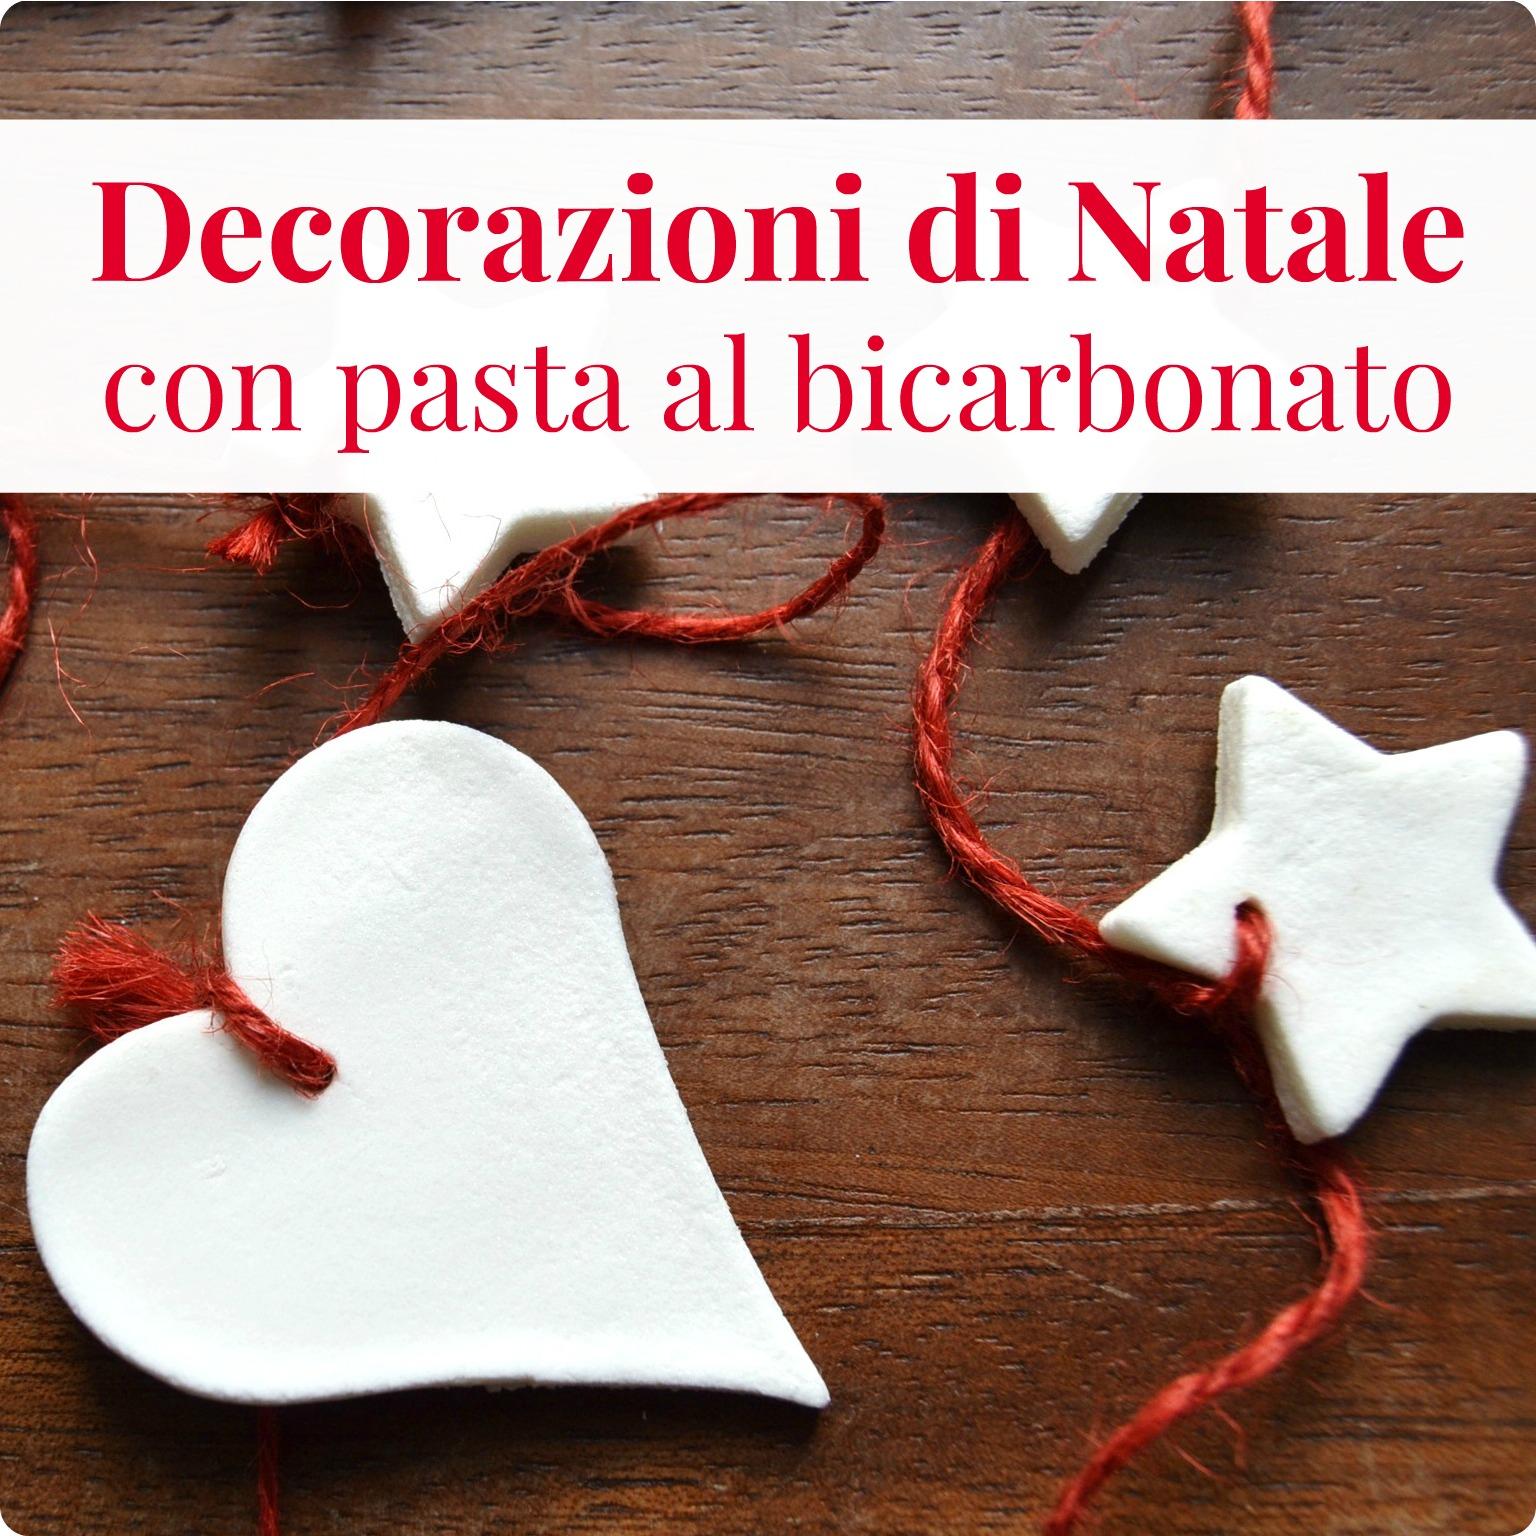 Decorazioni natalizie con pasta al bicarbonato babygreen - Creare decorazioni natalizie ...